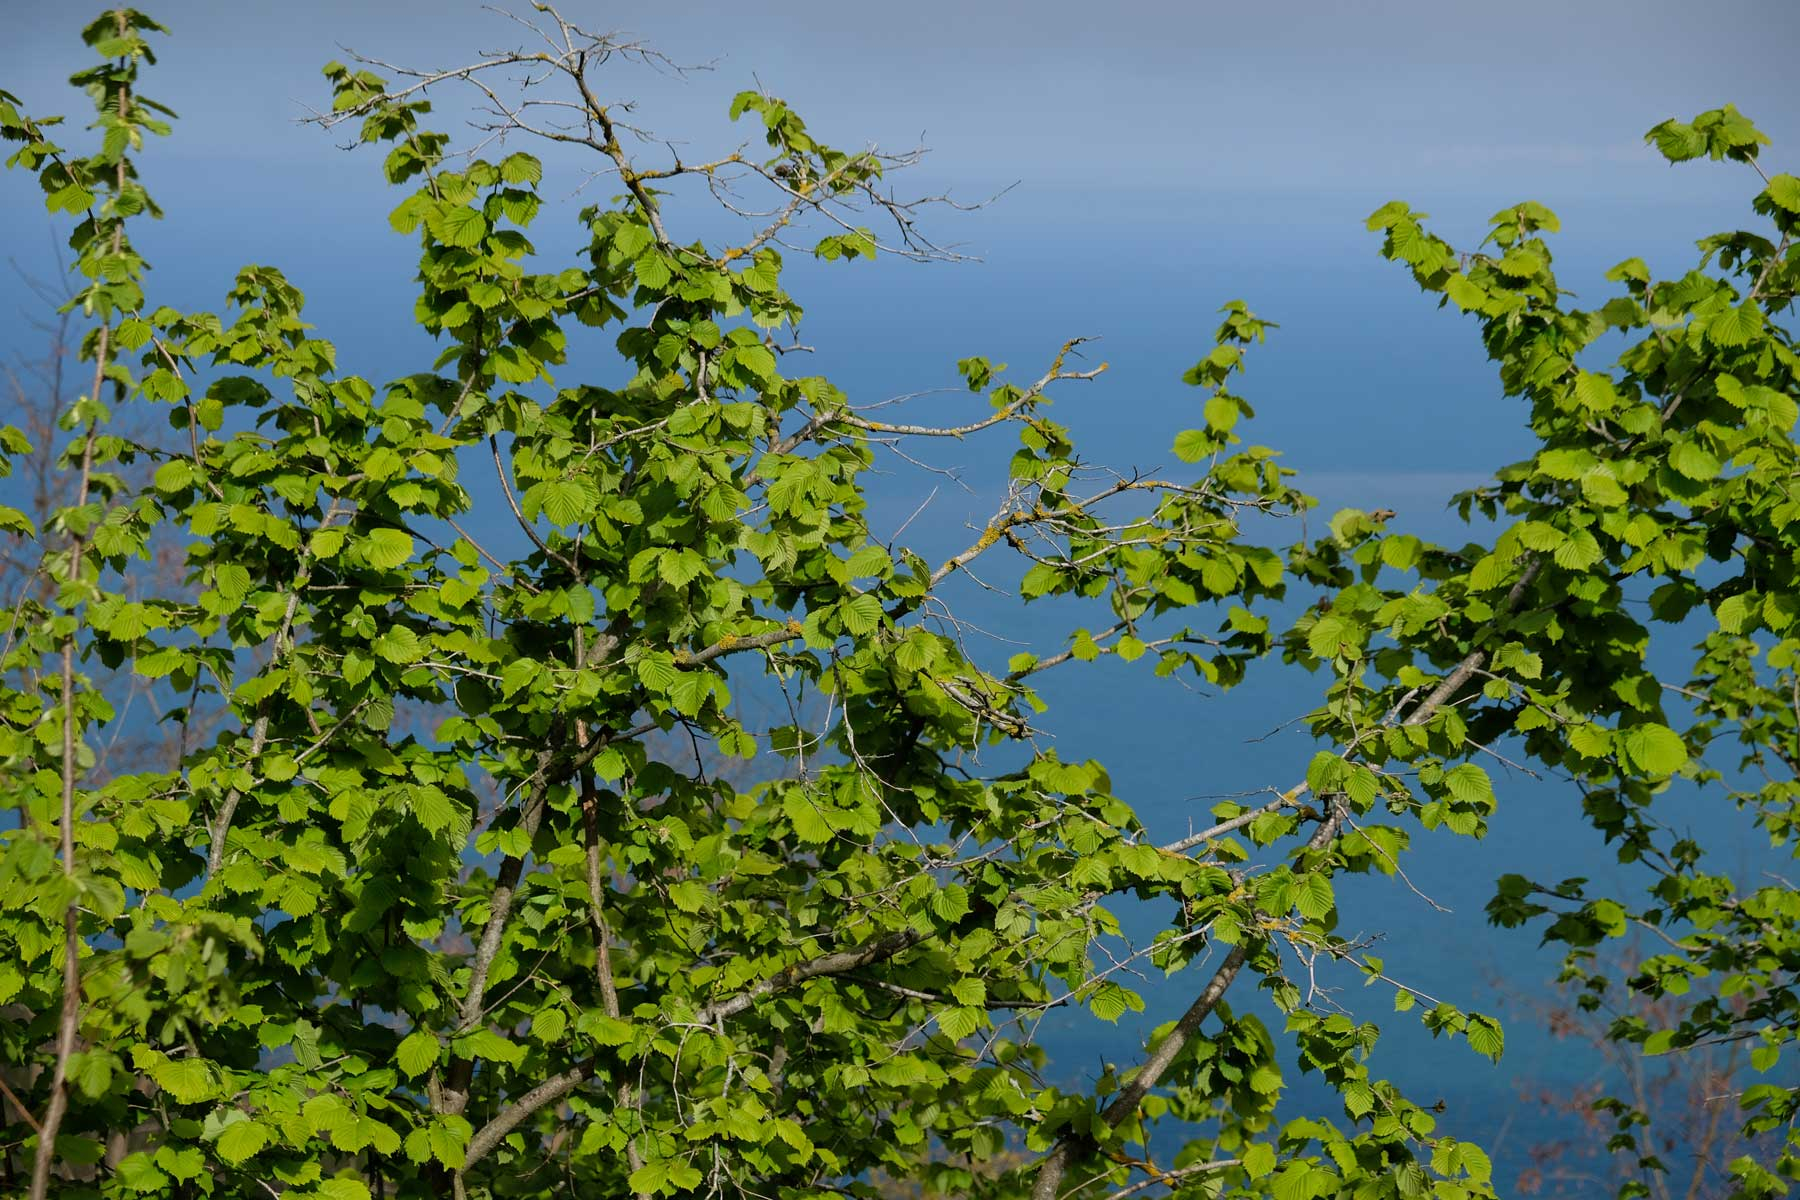 Der gesamte Berg ist mit Haselnussbäumen bepflanzt